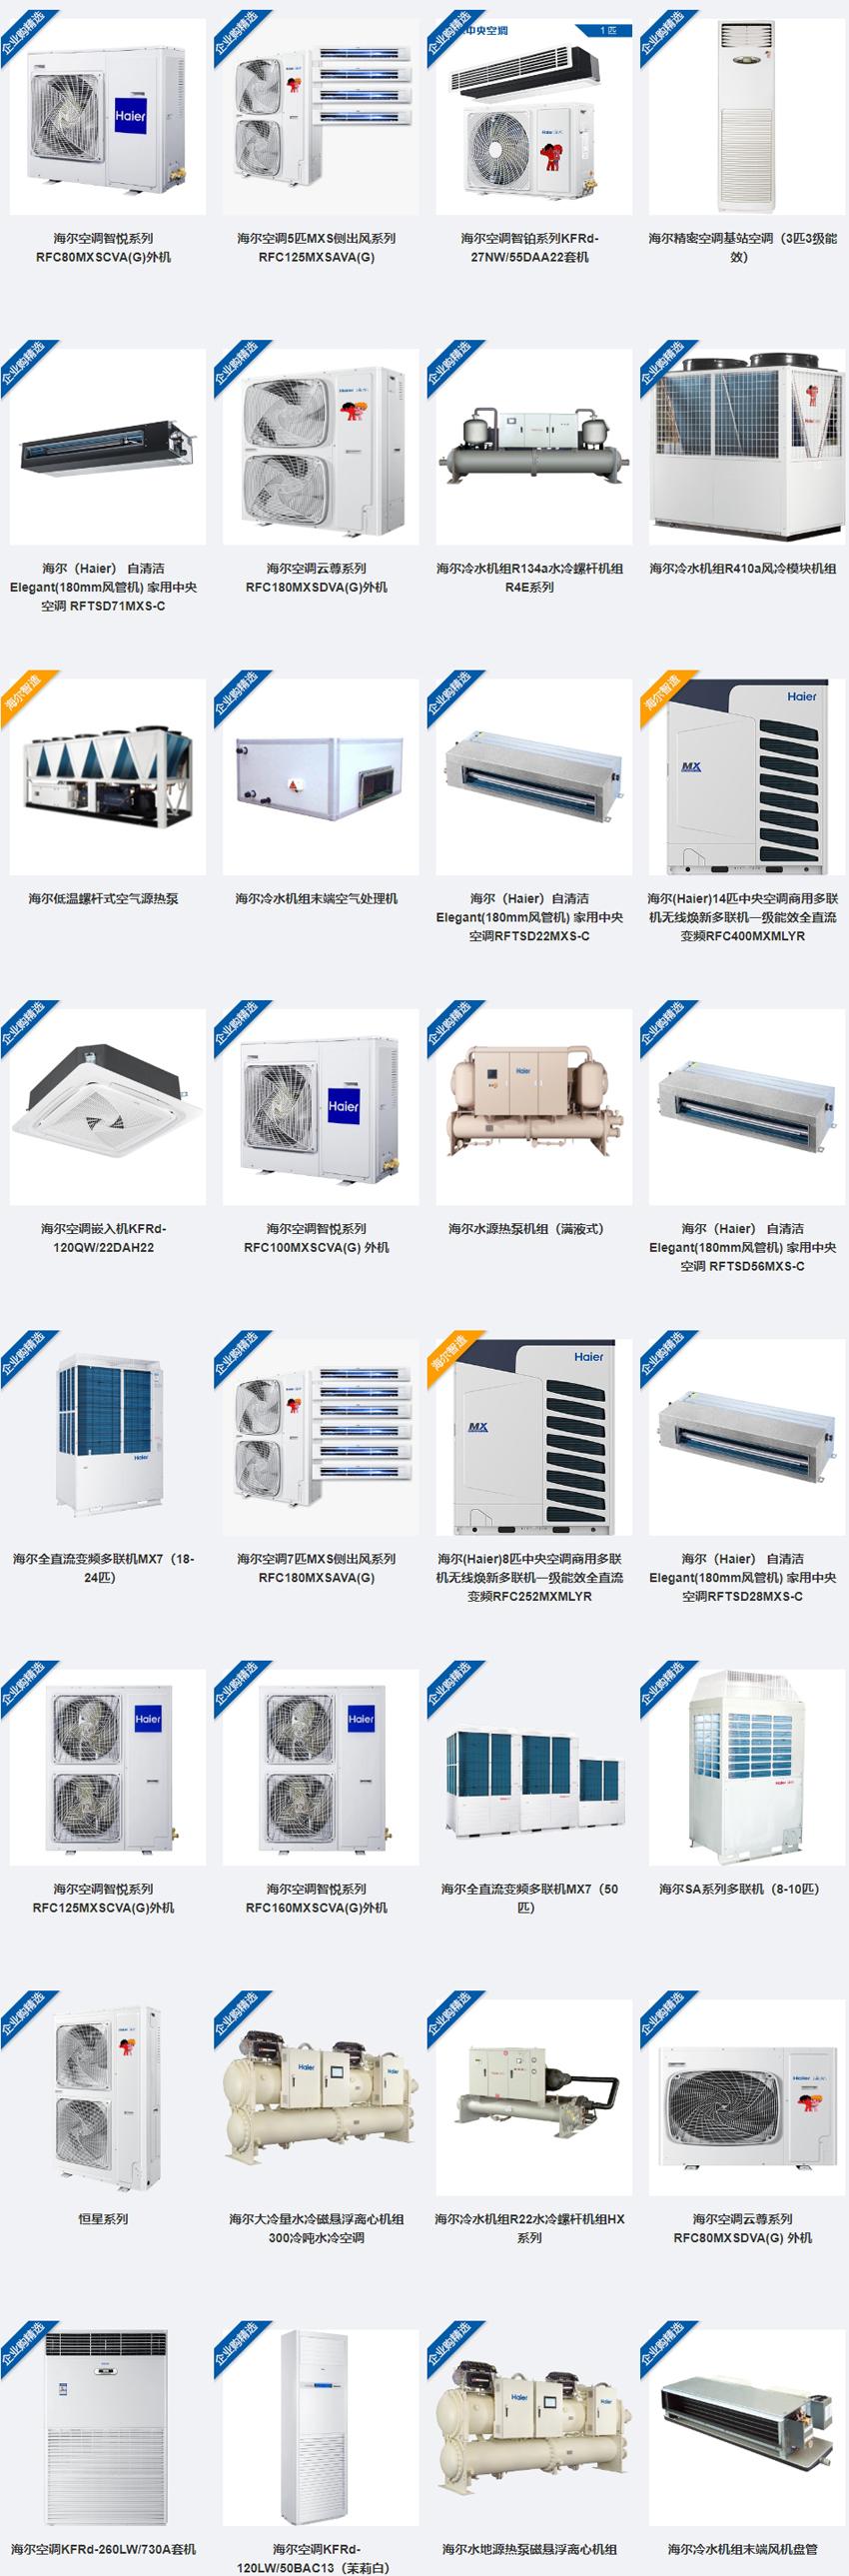 海尔中央空调,海尔中央空调采购,海尔中央空调供应商-海尔企业购_海尔产品采购